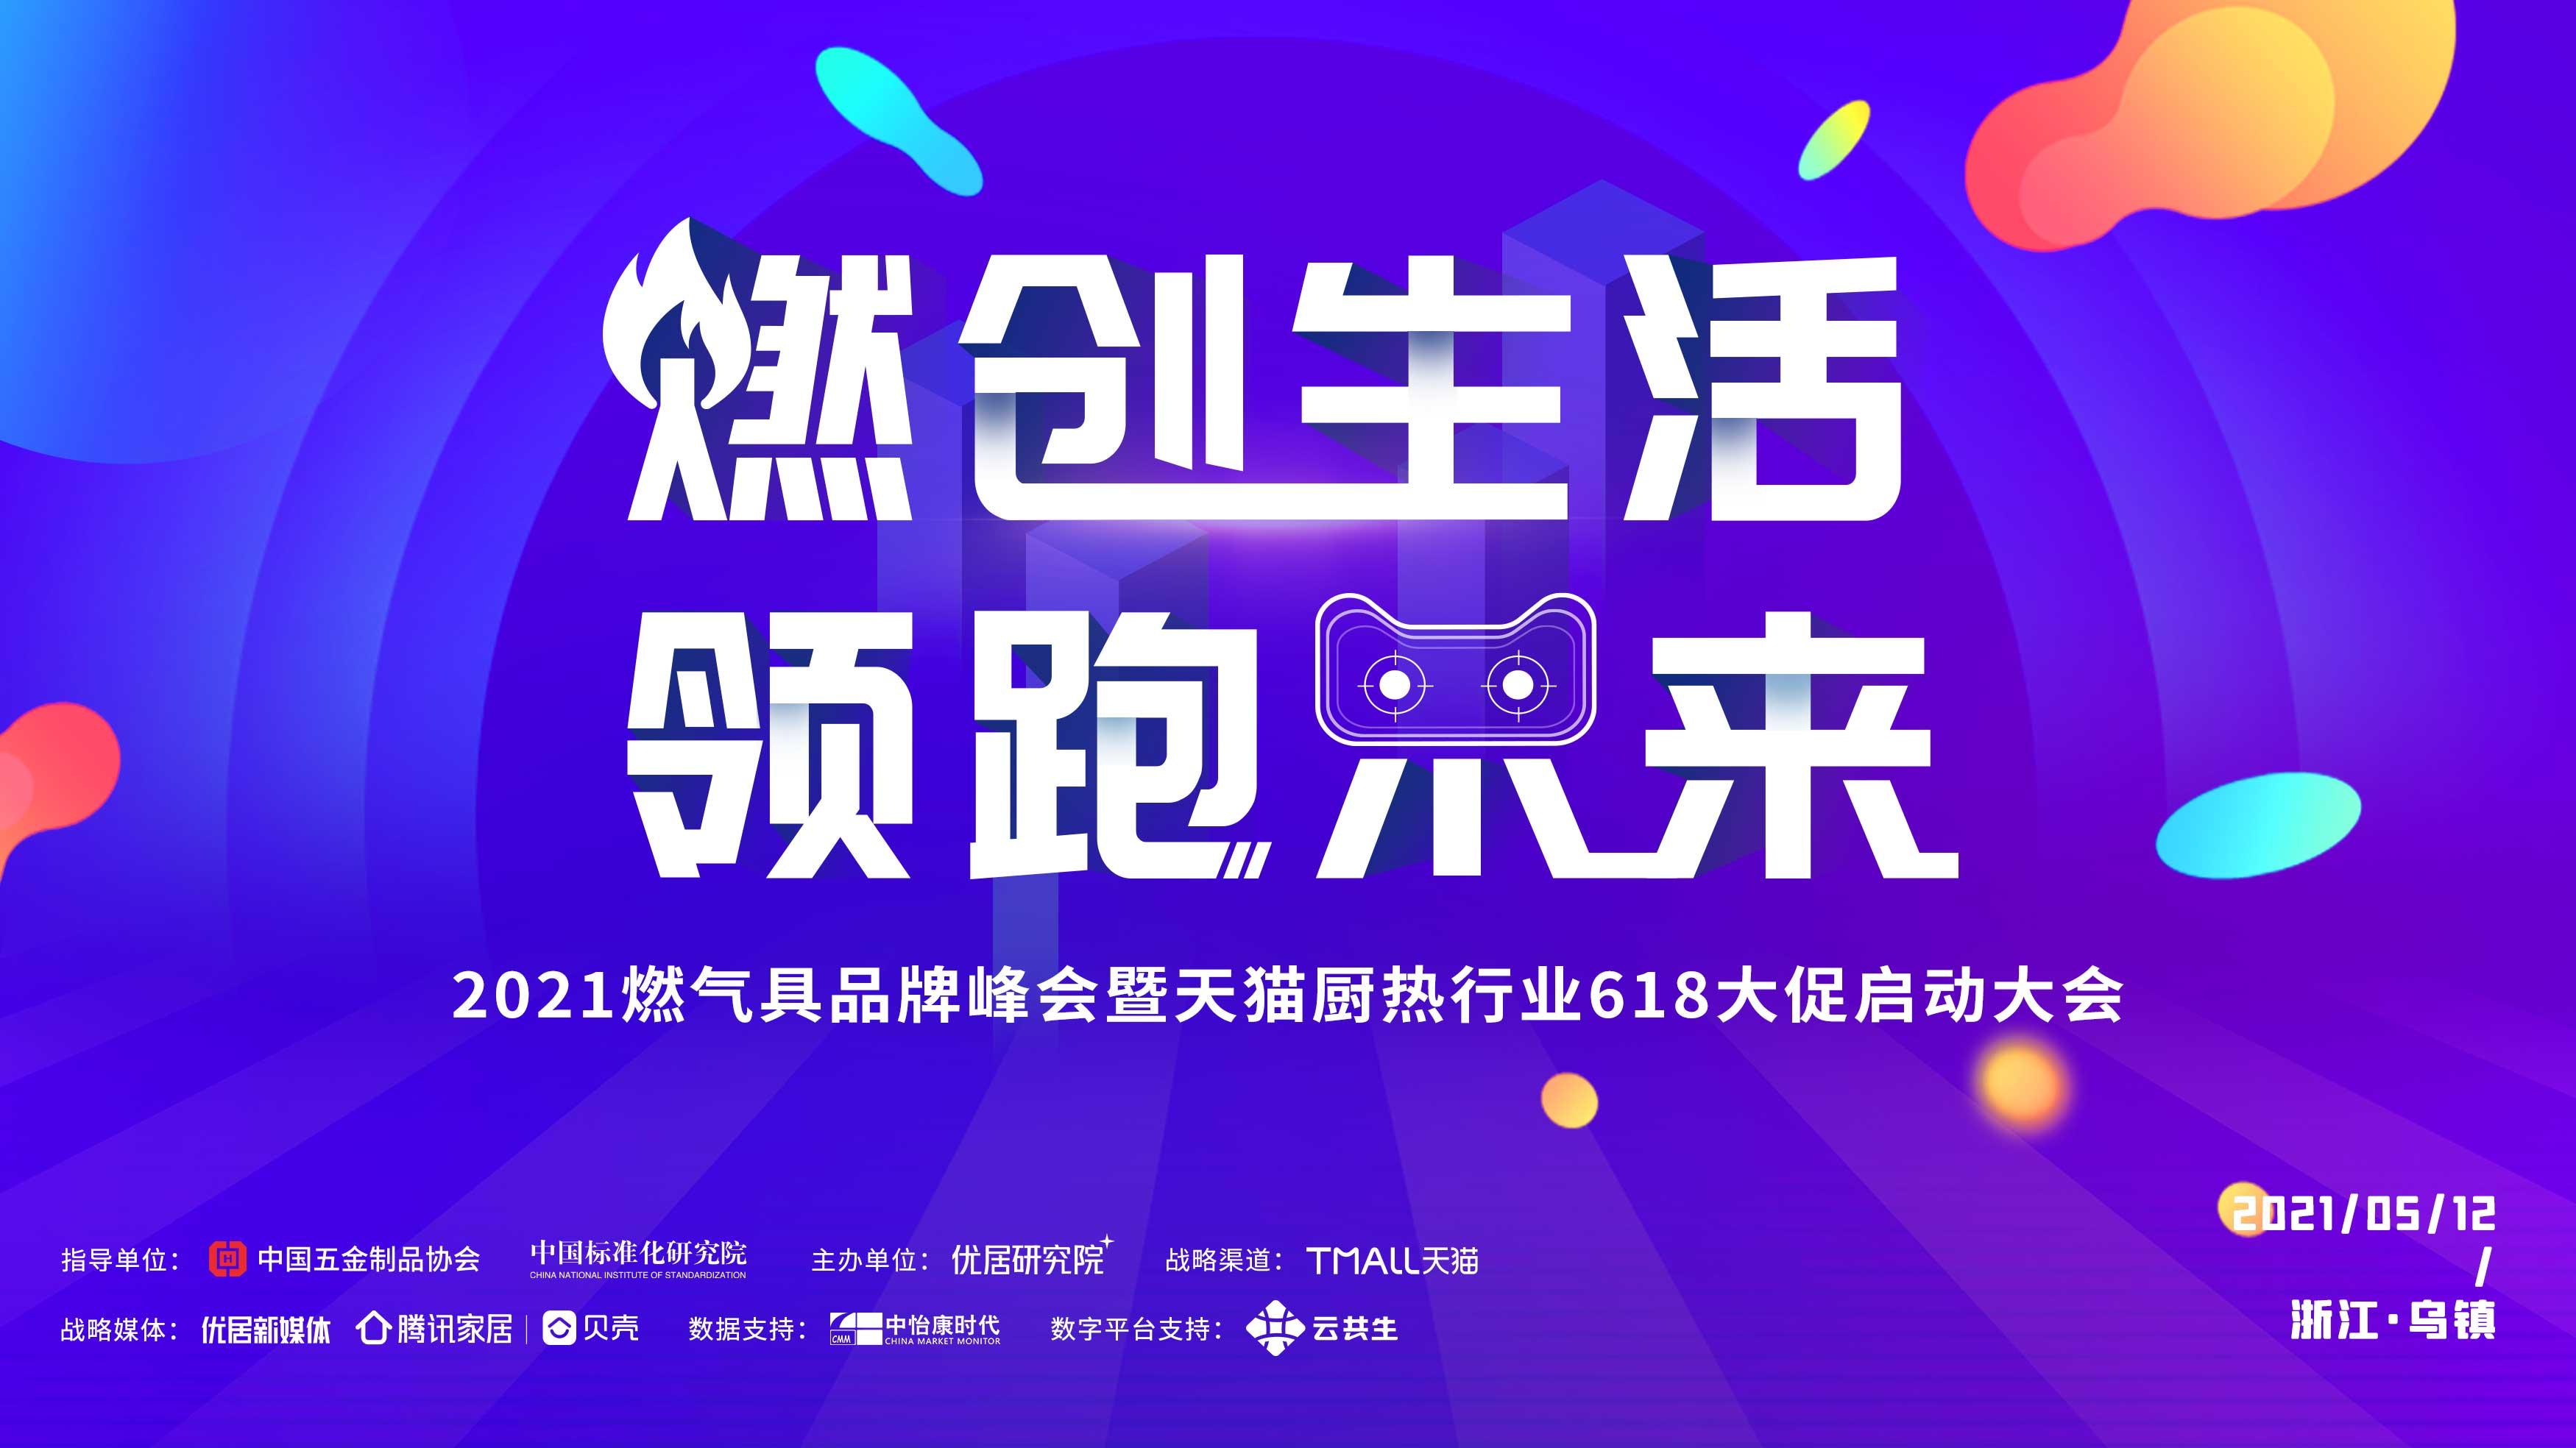 2021燃气具品牌峰会暨天猫厨热行业618大促启动大会